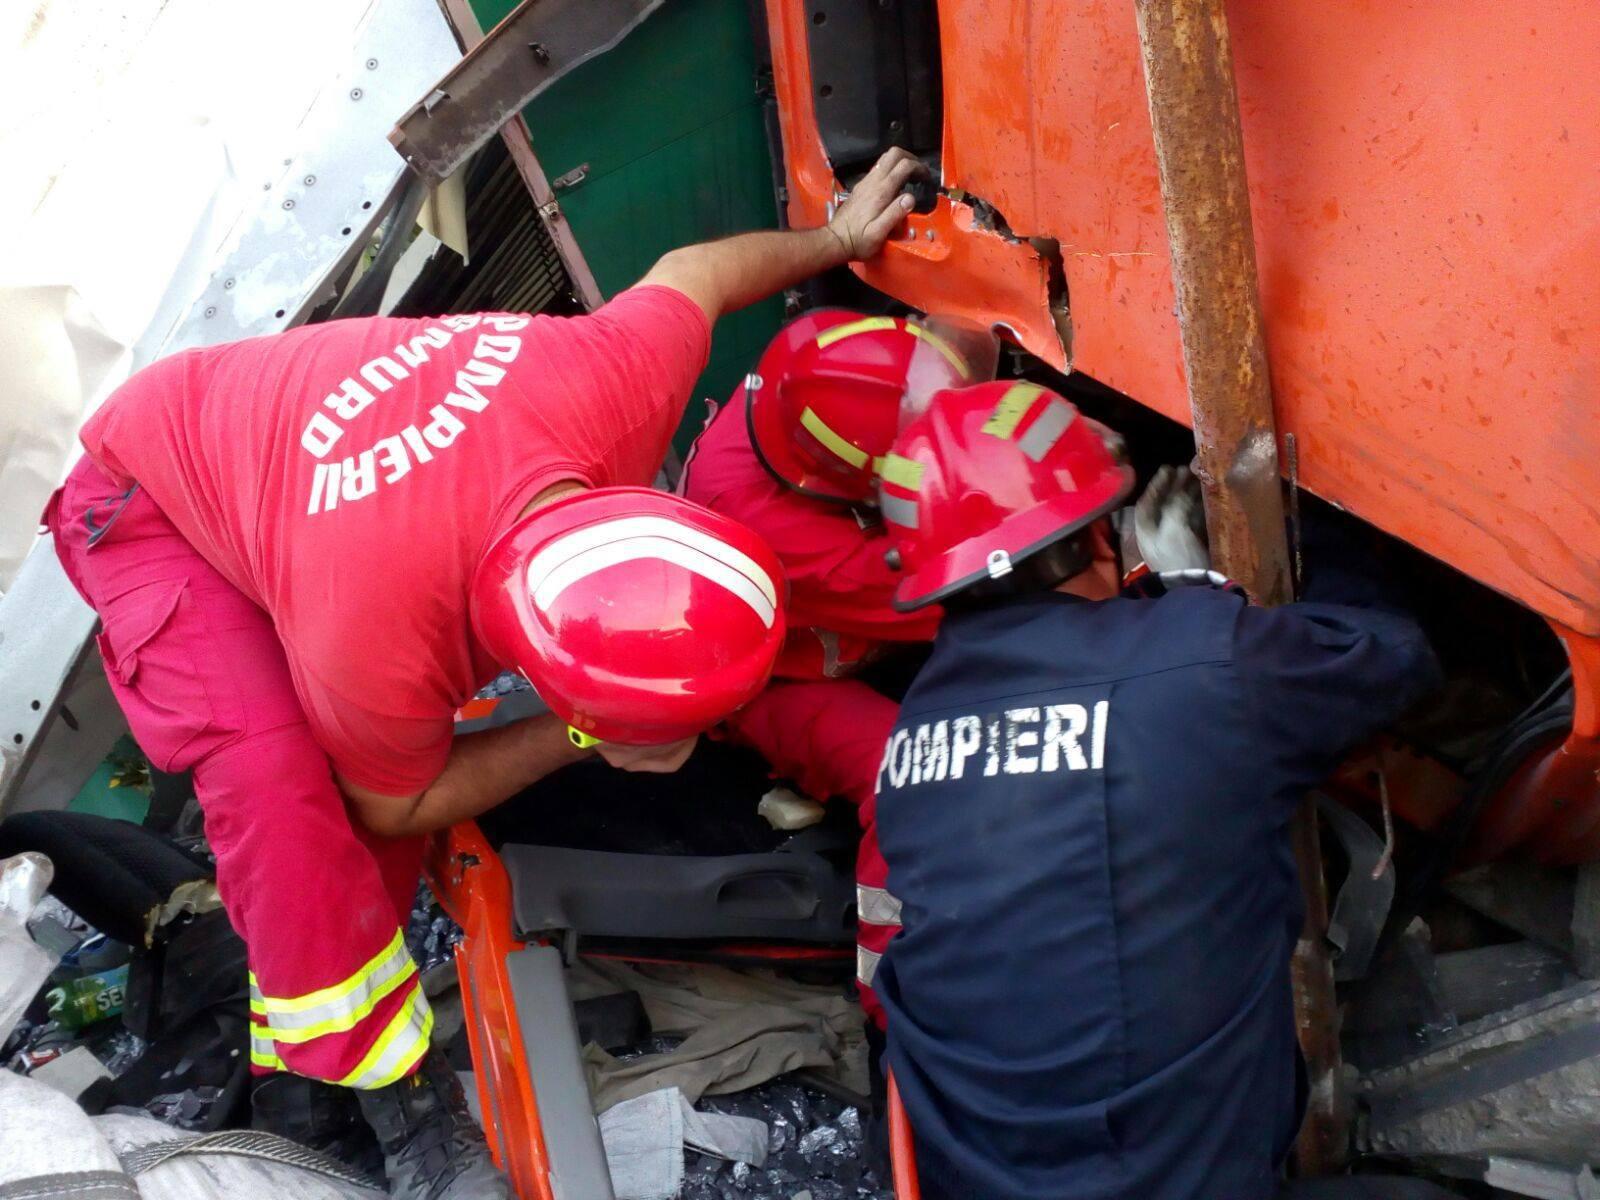 Patru persoane au fost rănite, după ce o maşină a intrat într-un TIR, în judeţul Caraş-Severin